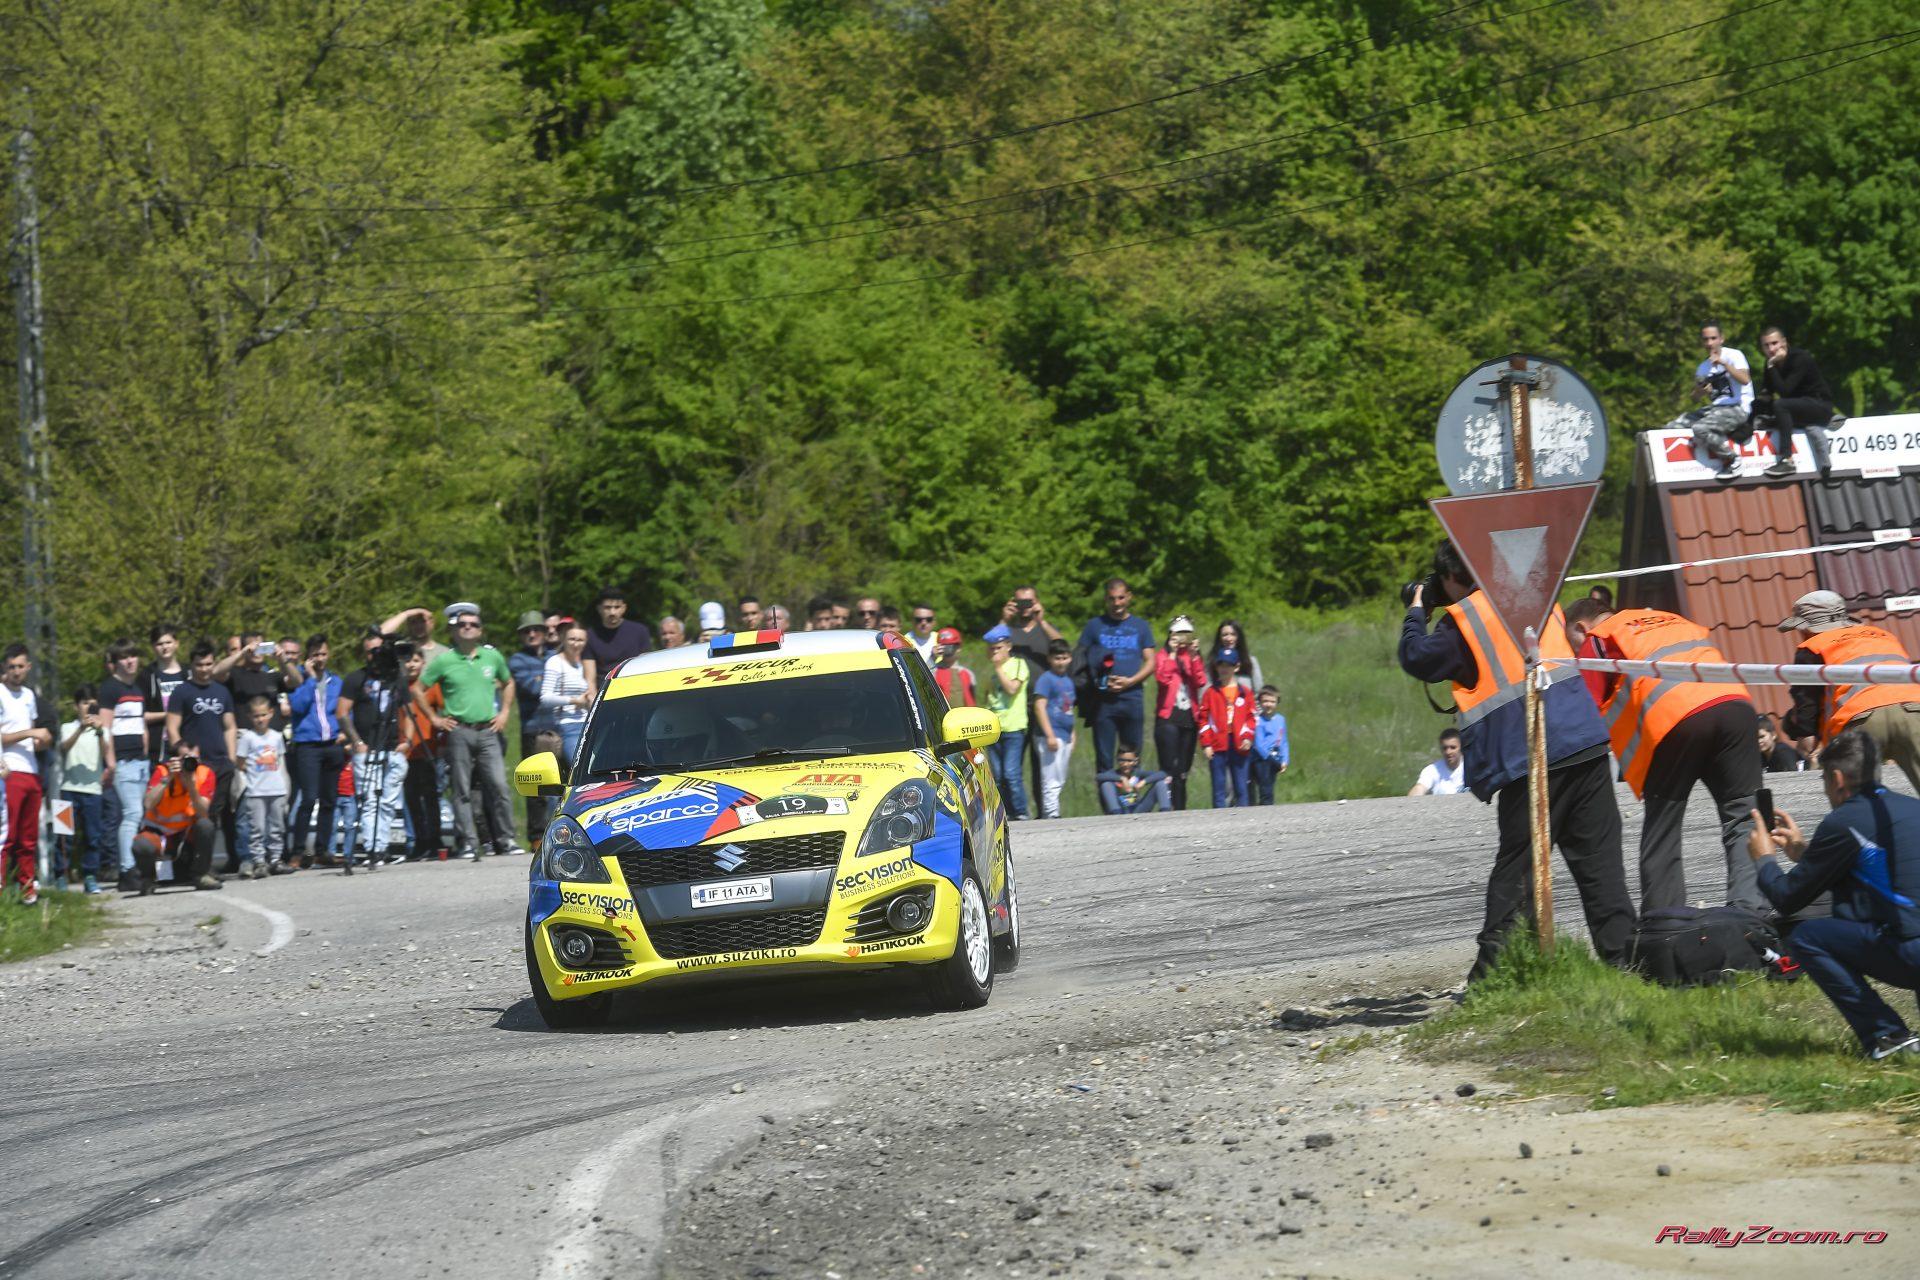 120 de kilometri contra cronometru ii asteapta pe concurentii Cupei Suzuki la Raliul Perla Harghitei